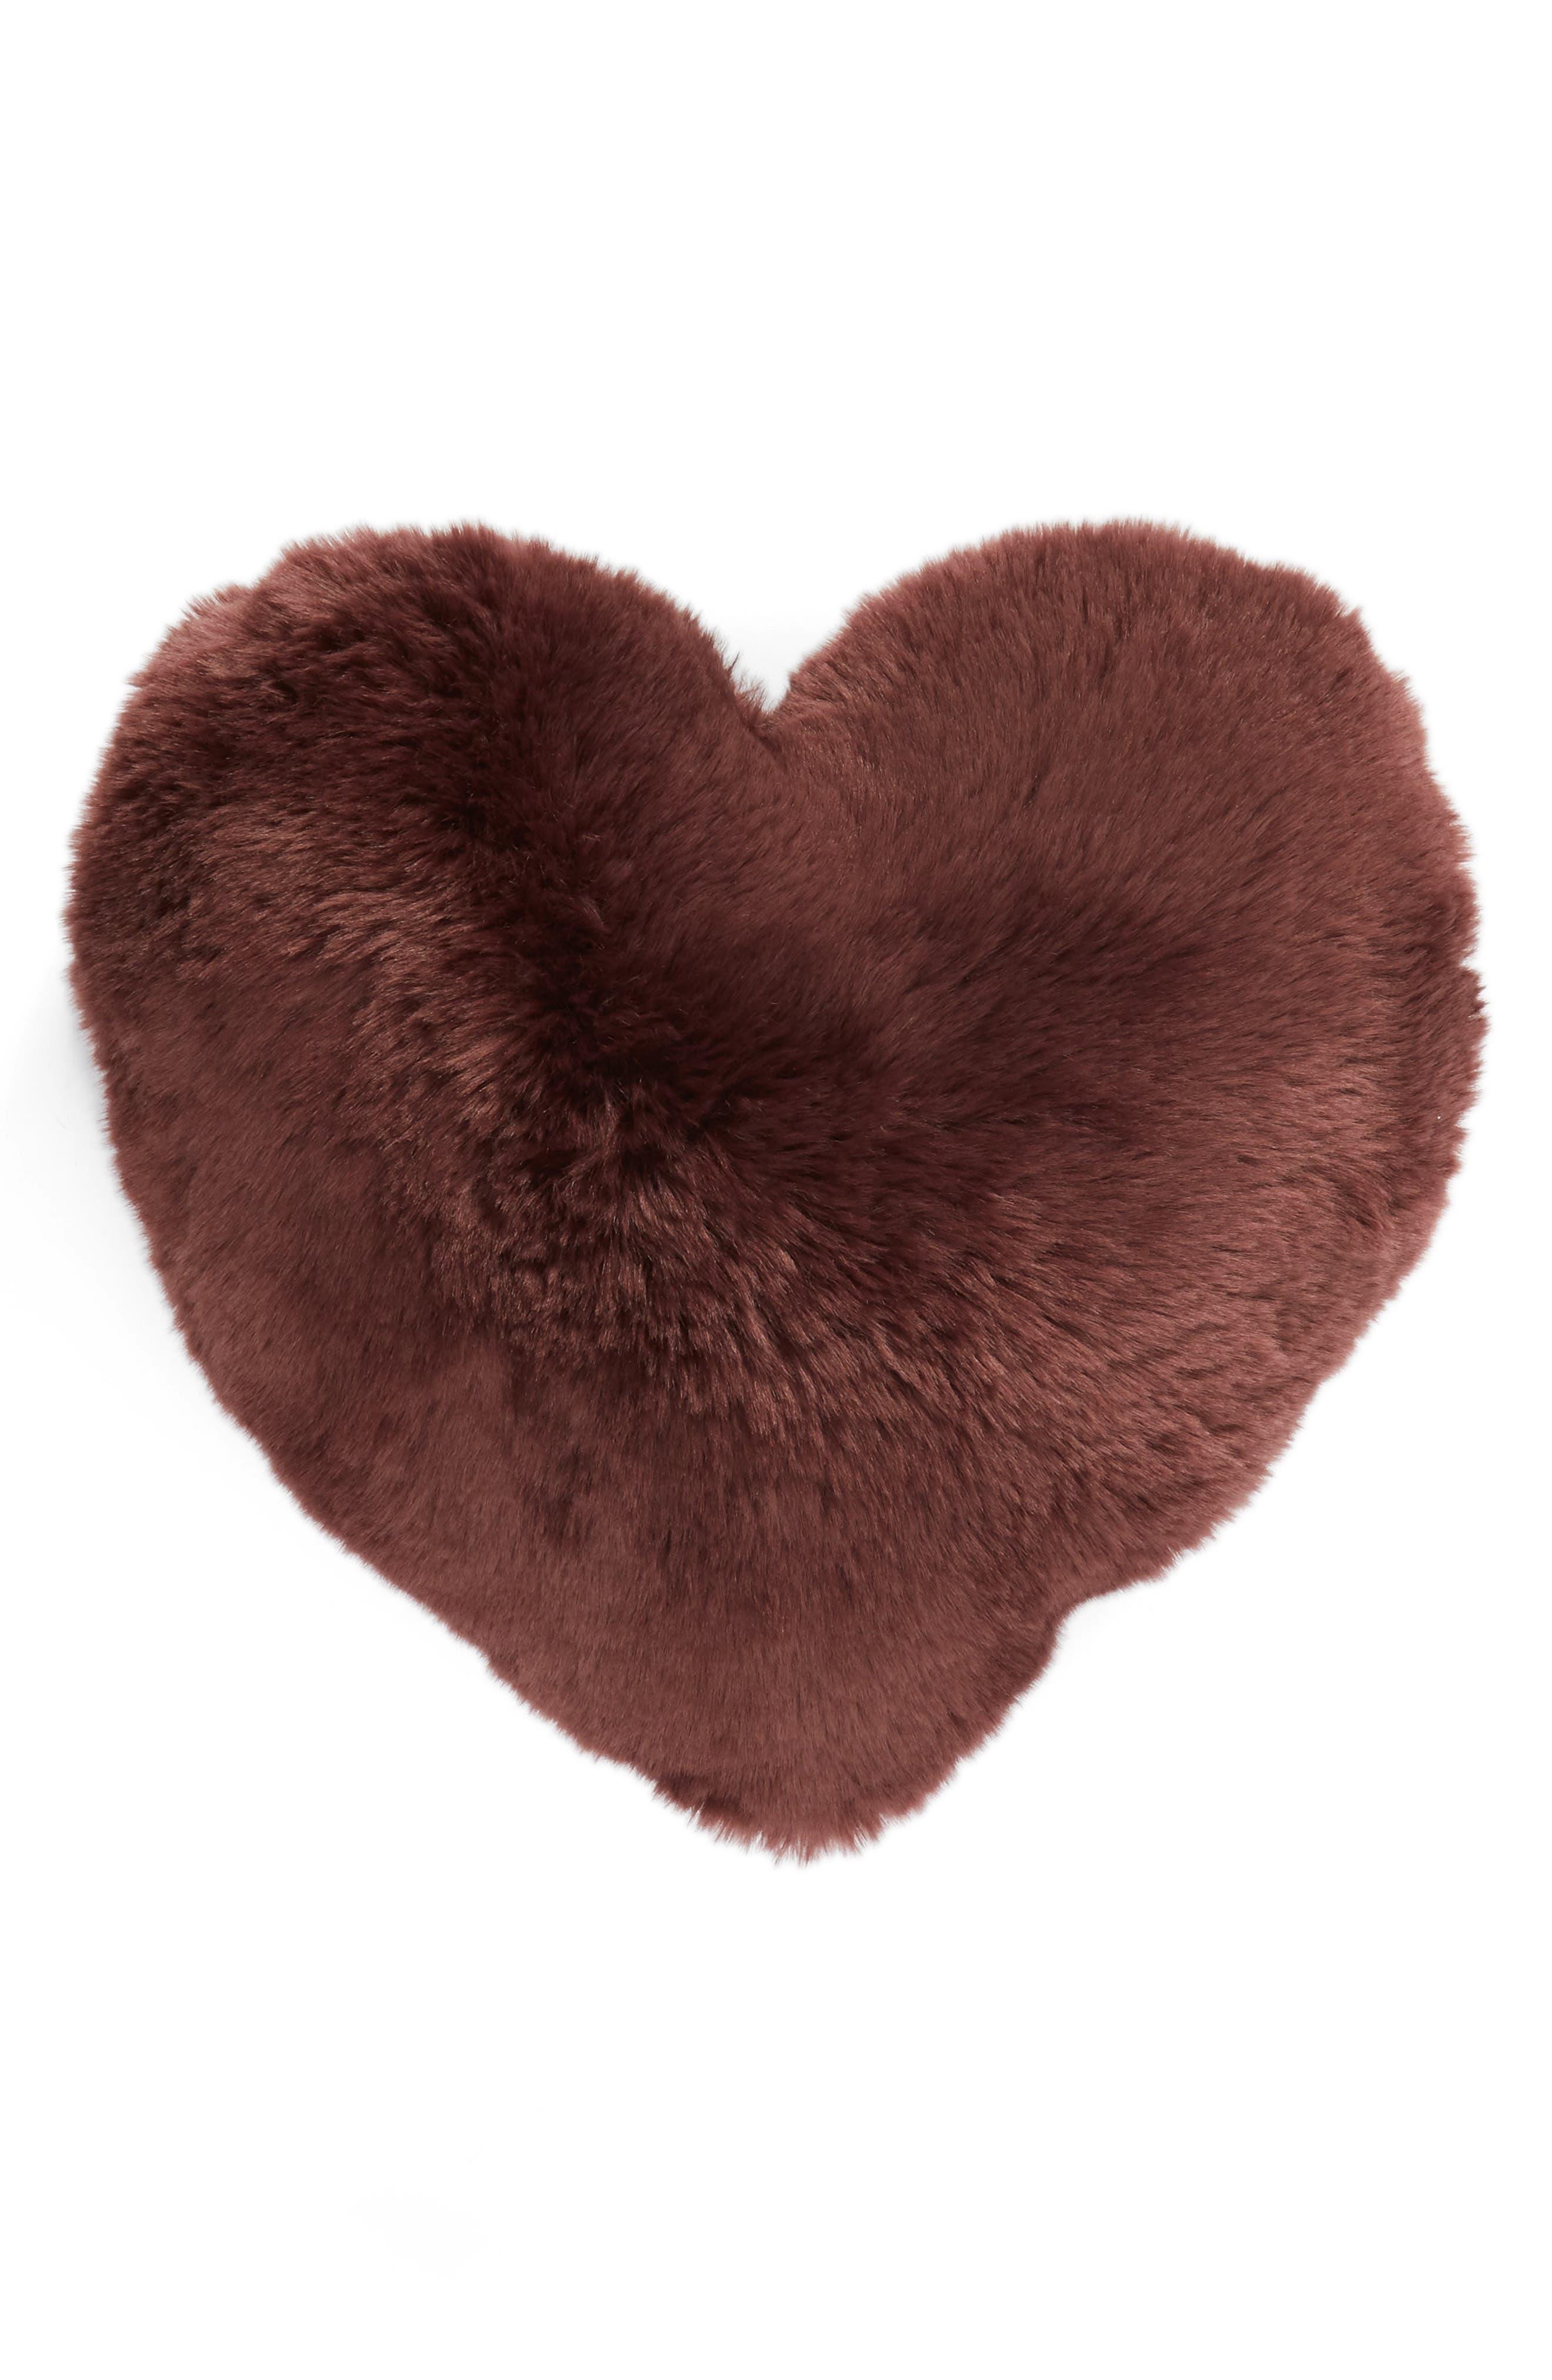 'Cuddle Up' Faux Fur Heart Accent Pillow,                             Alternate thumbnail 2, color,                             BURGUNDY STEM